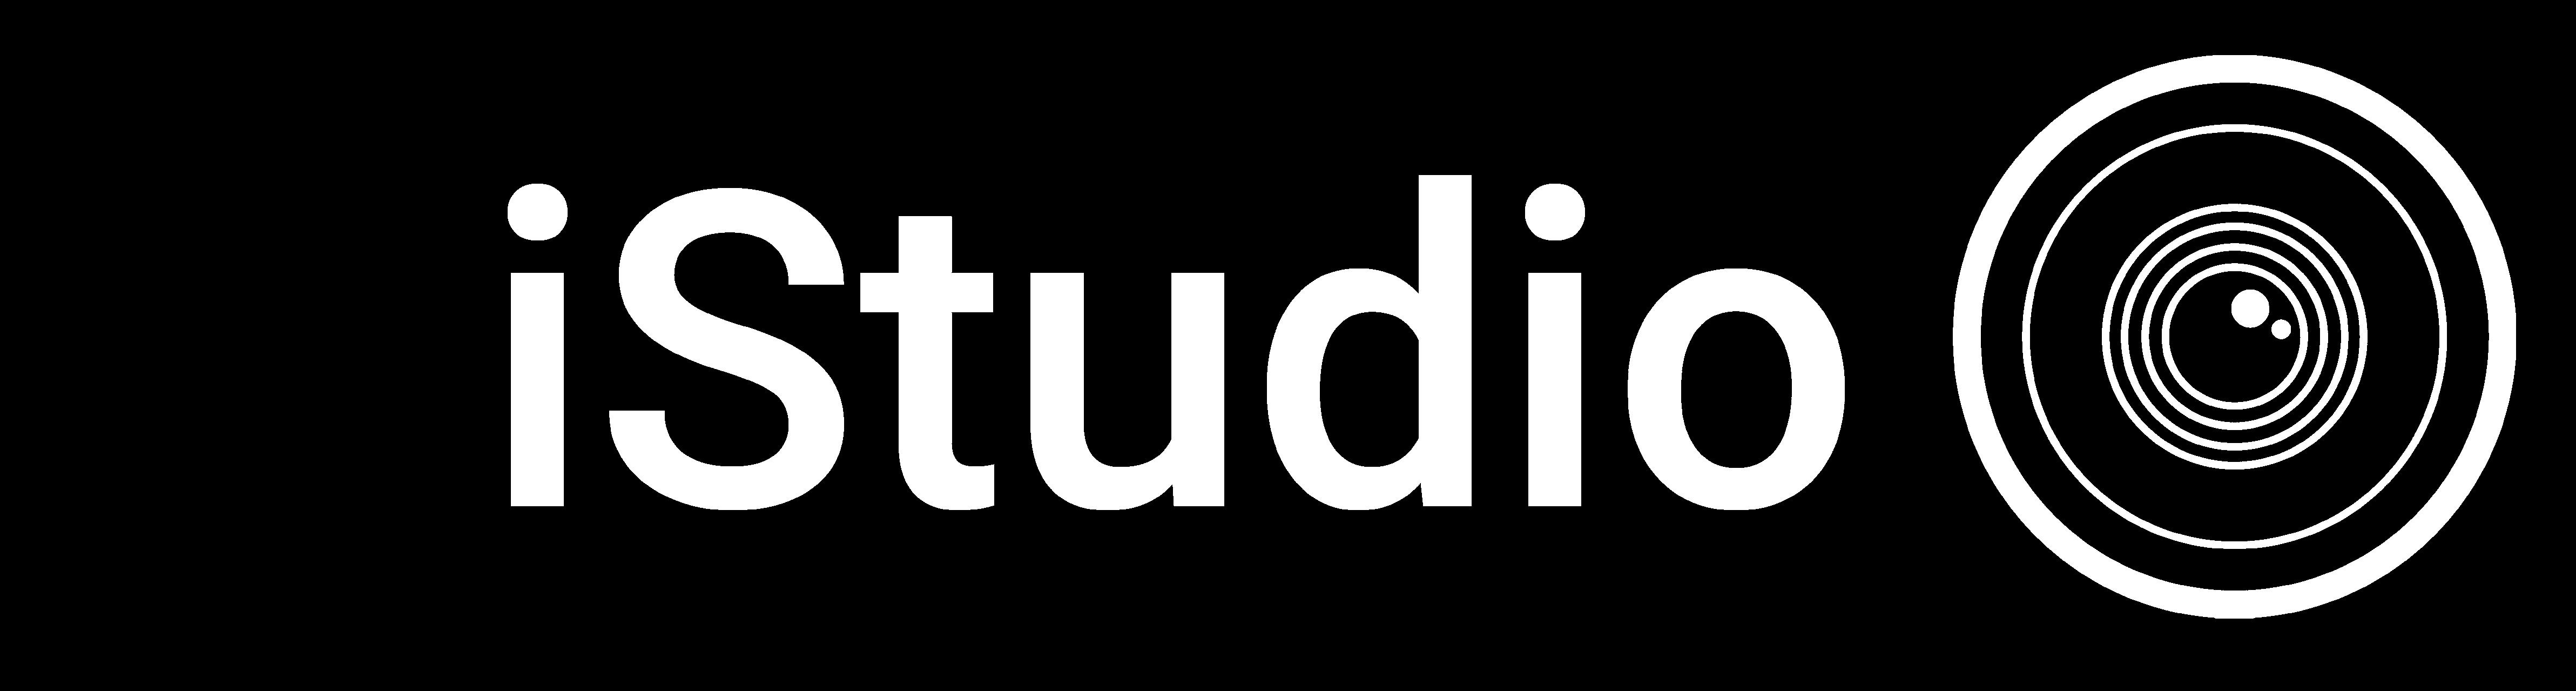 s+logo